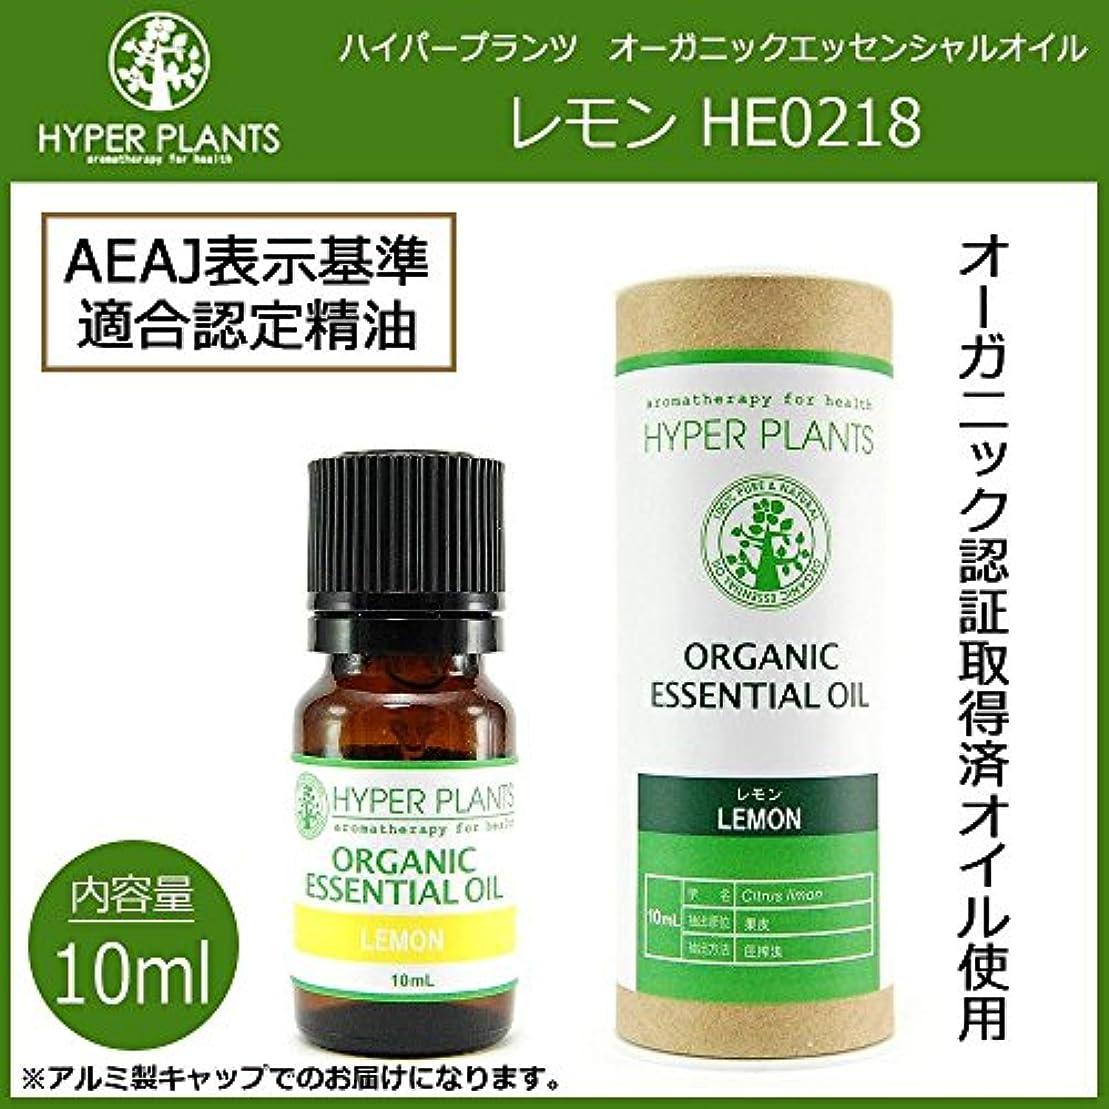 アルネ鬼ごっこアンティークHYPER PLANTS ハイパープランツ オーガニックエッセンシャルオイル レモン 10ml HE0218